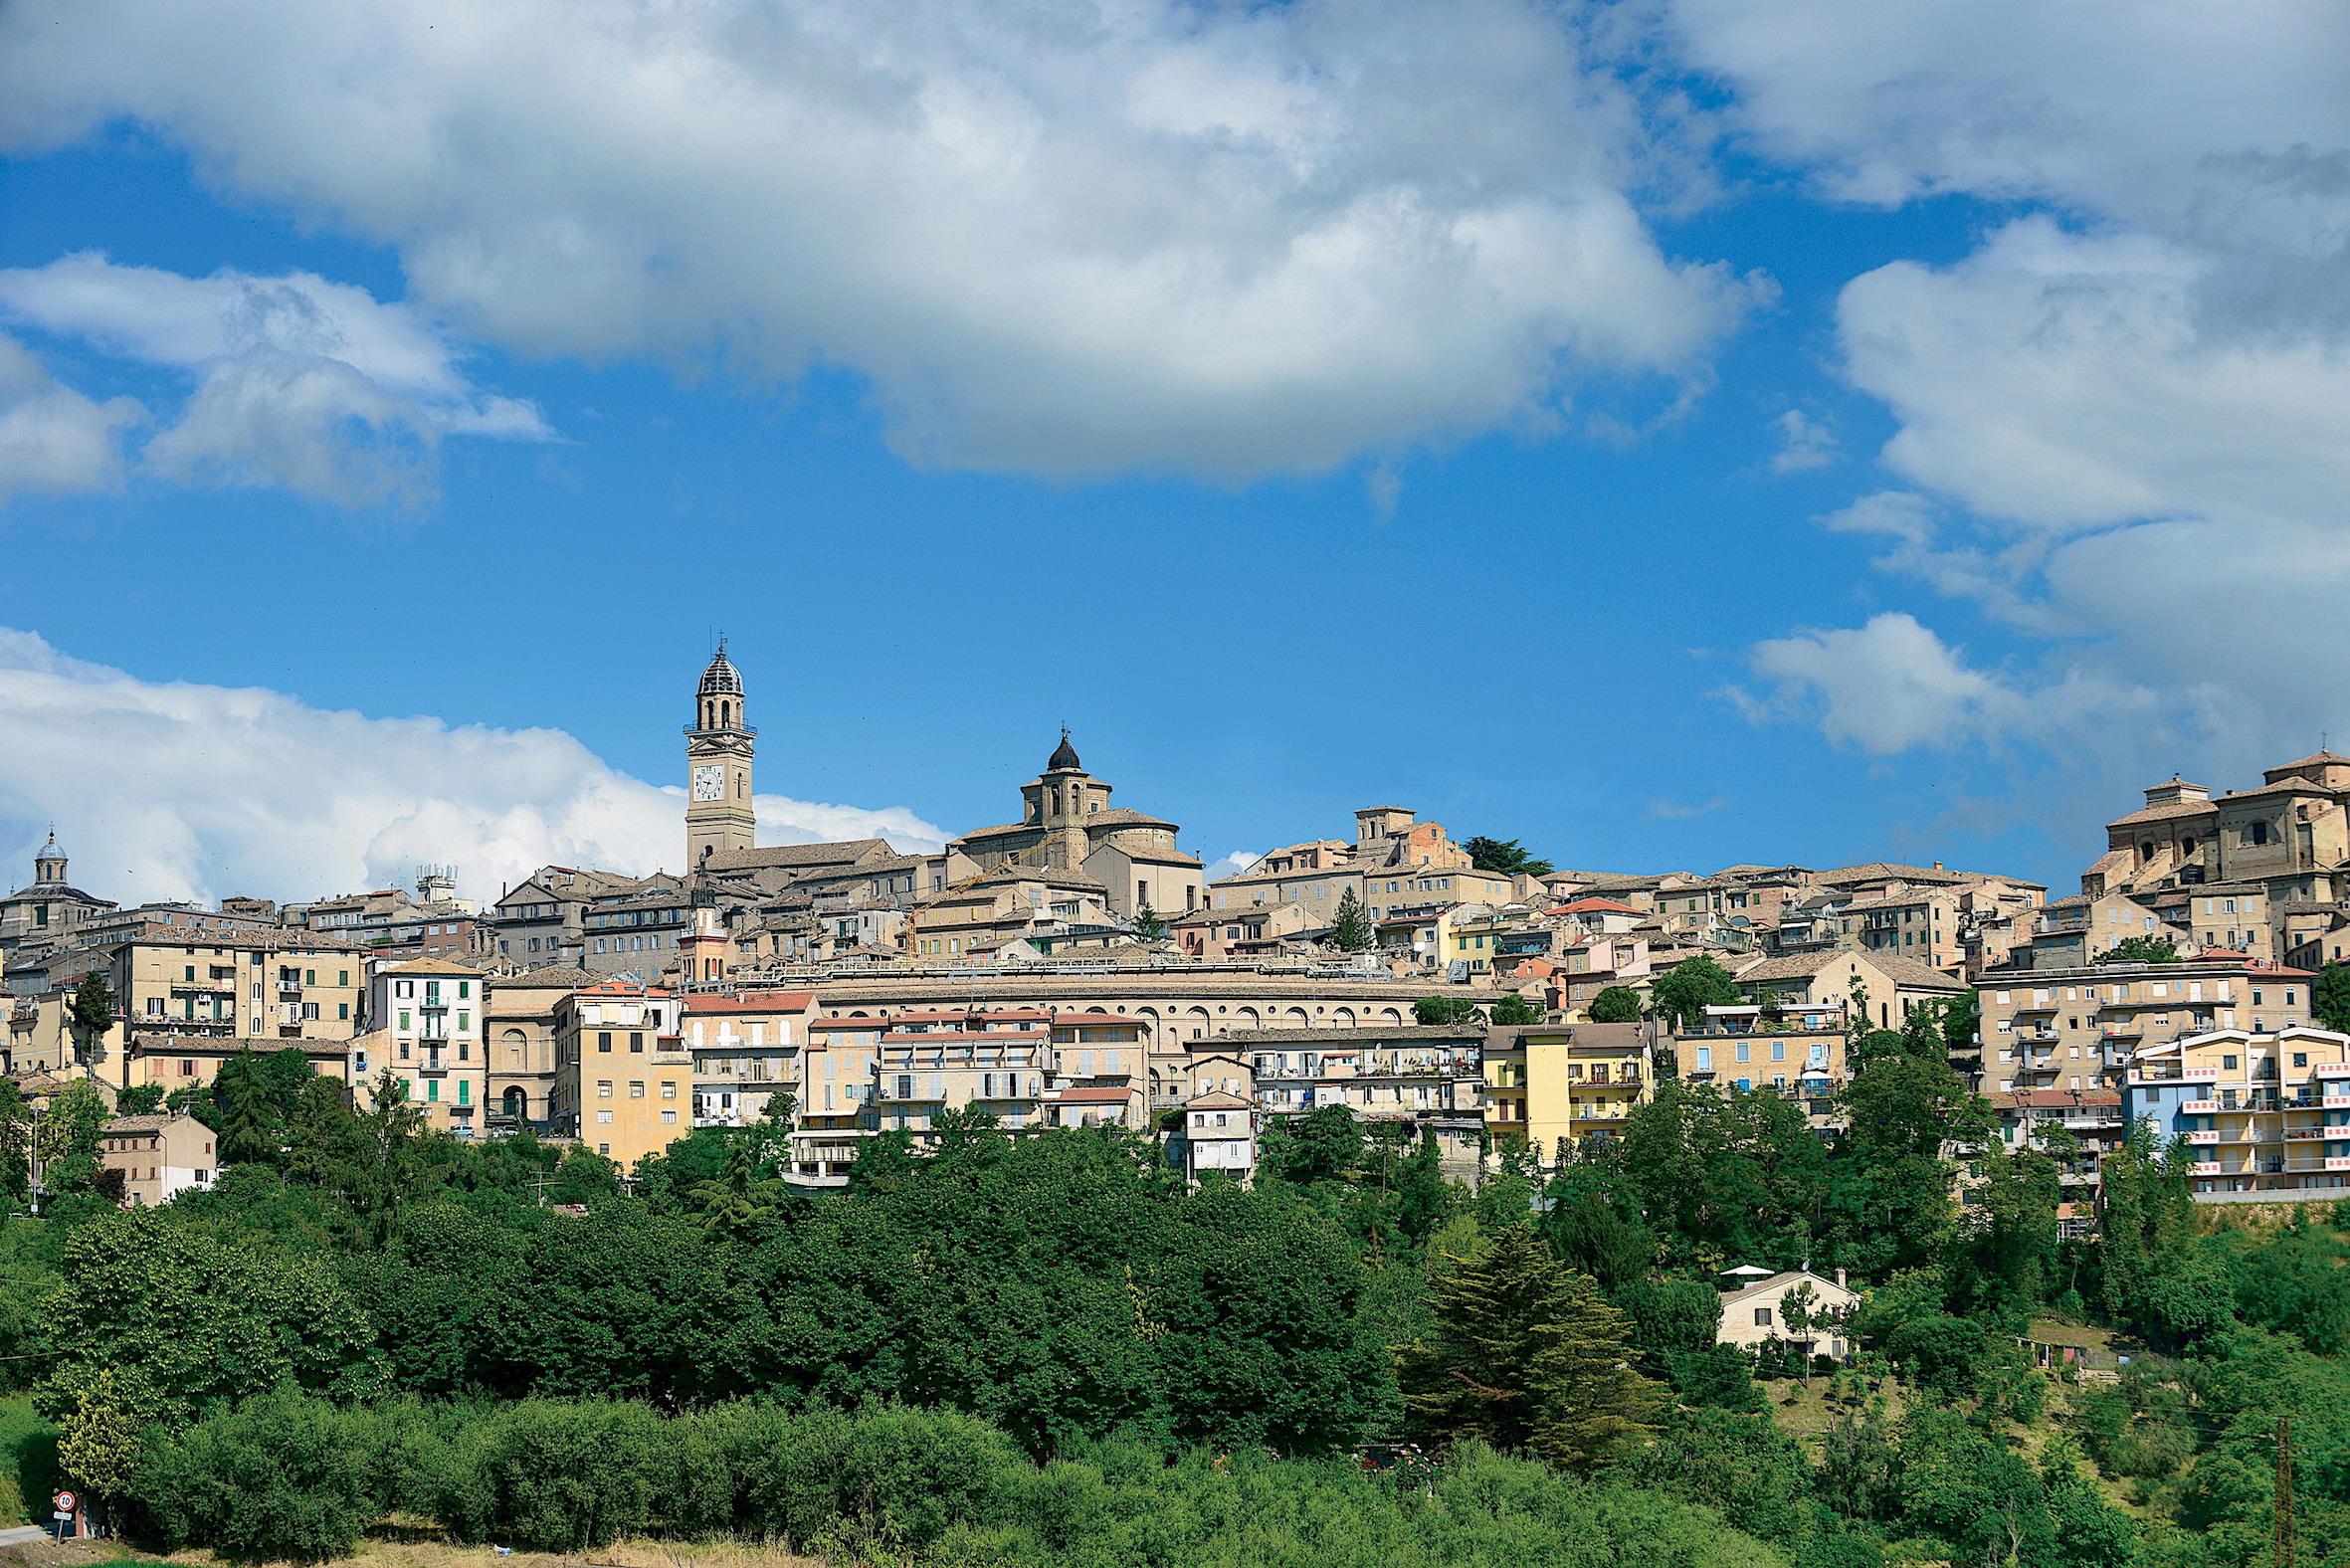 Visitare macerata un weekend all insegna dell ecologia for Visitare in italia